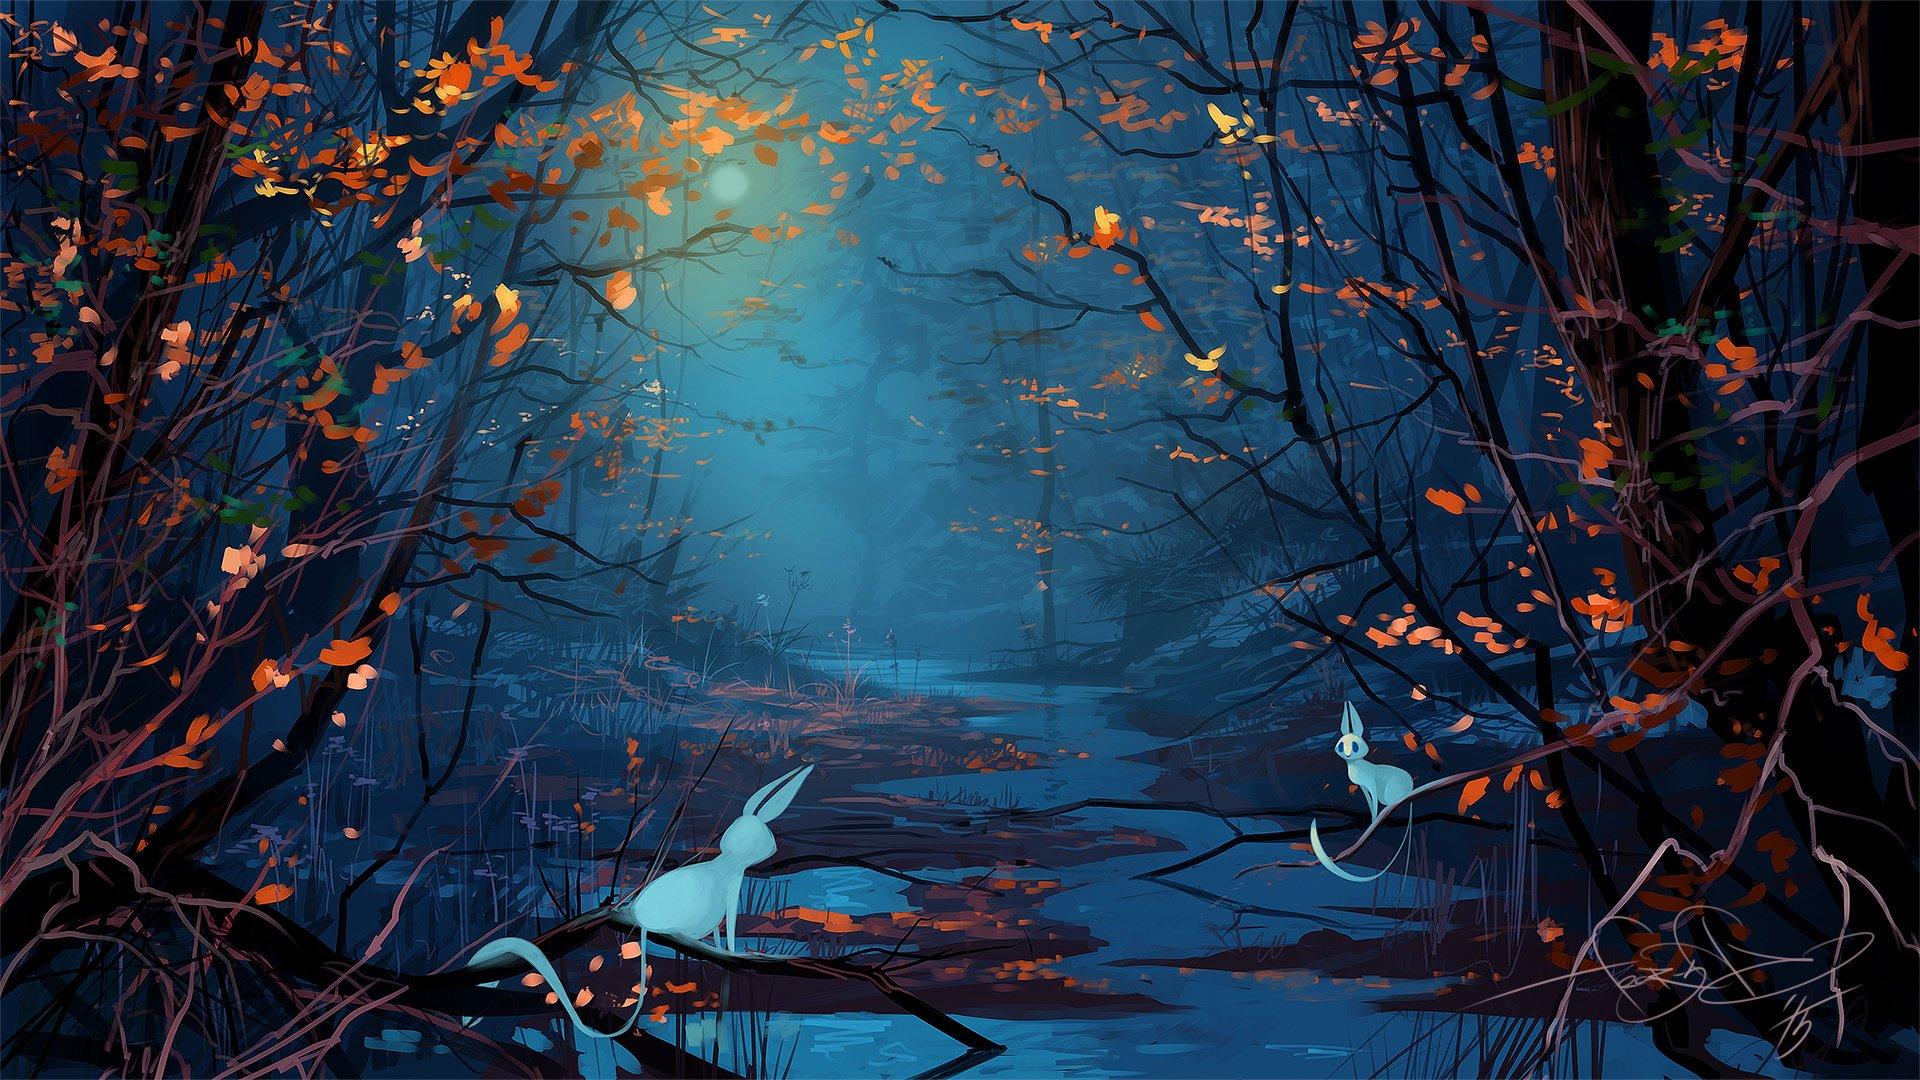 Fantasy Art Forest Trees Animals Night Moon Wallpaper